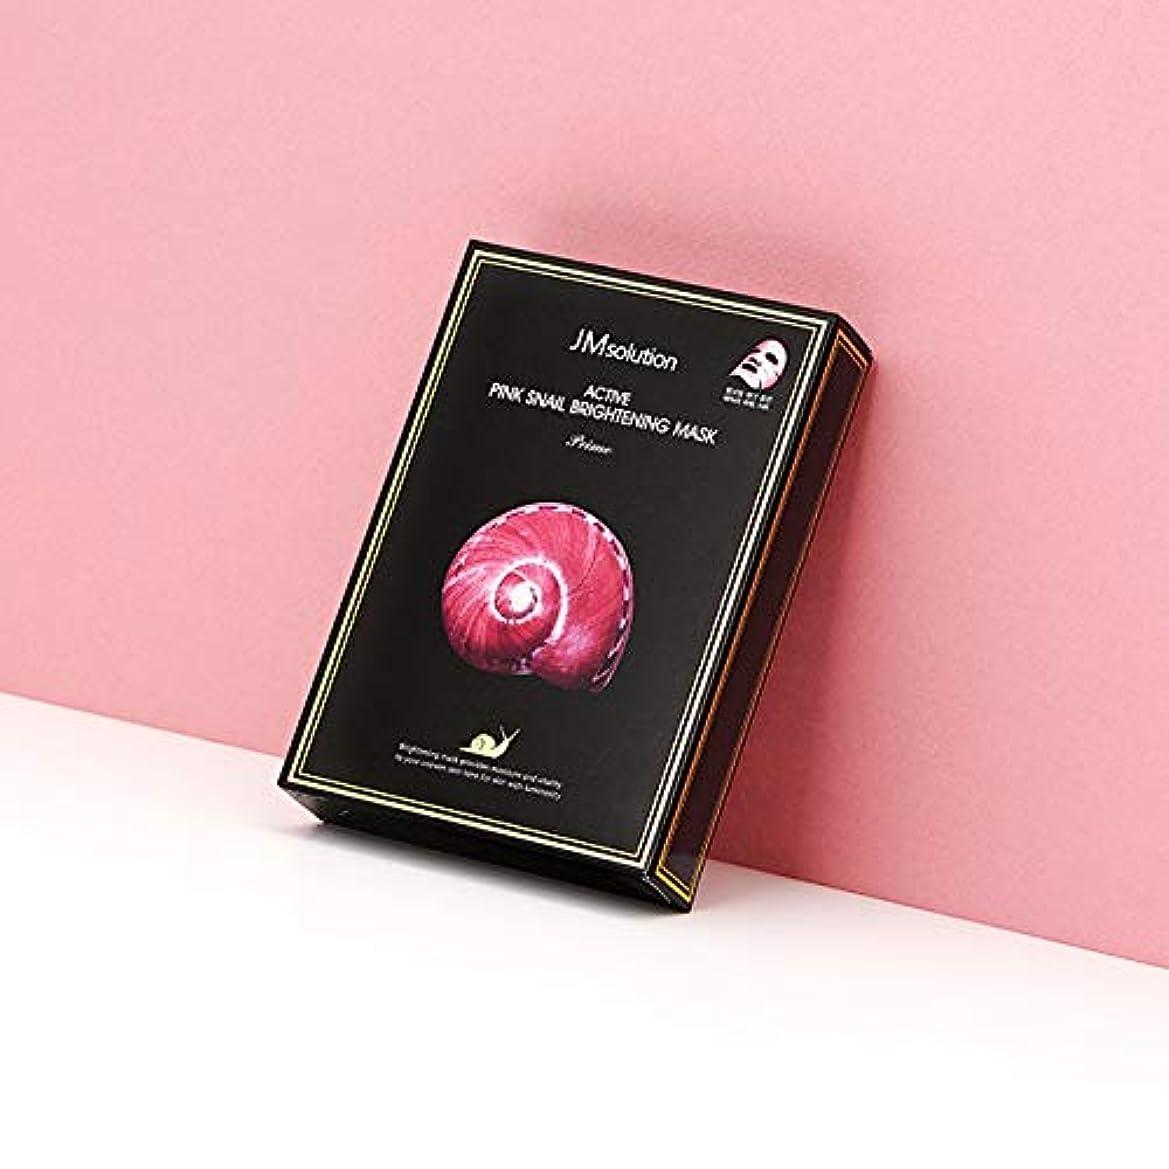 修道院受けるどこにでもJMソリューション(JM Solution) アクティブピンクカタツムリブライトニングマスクプライム30mlx10P / Active Pink Snail Brightening Mask Prime